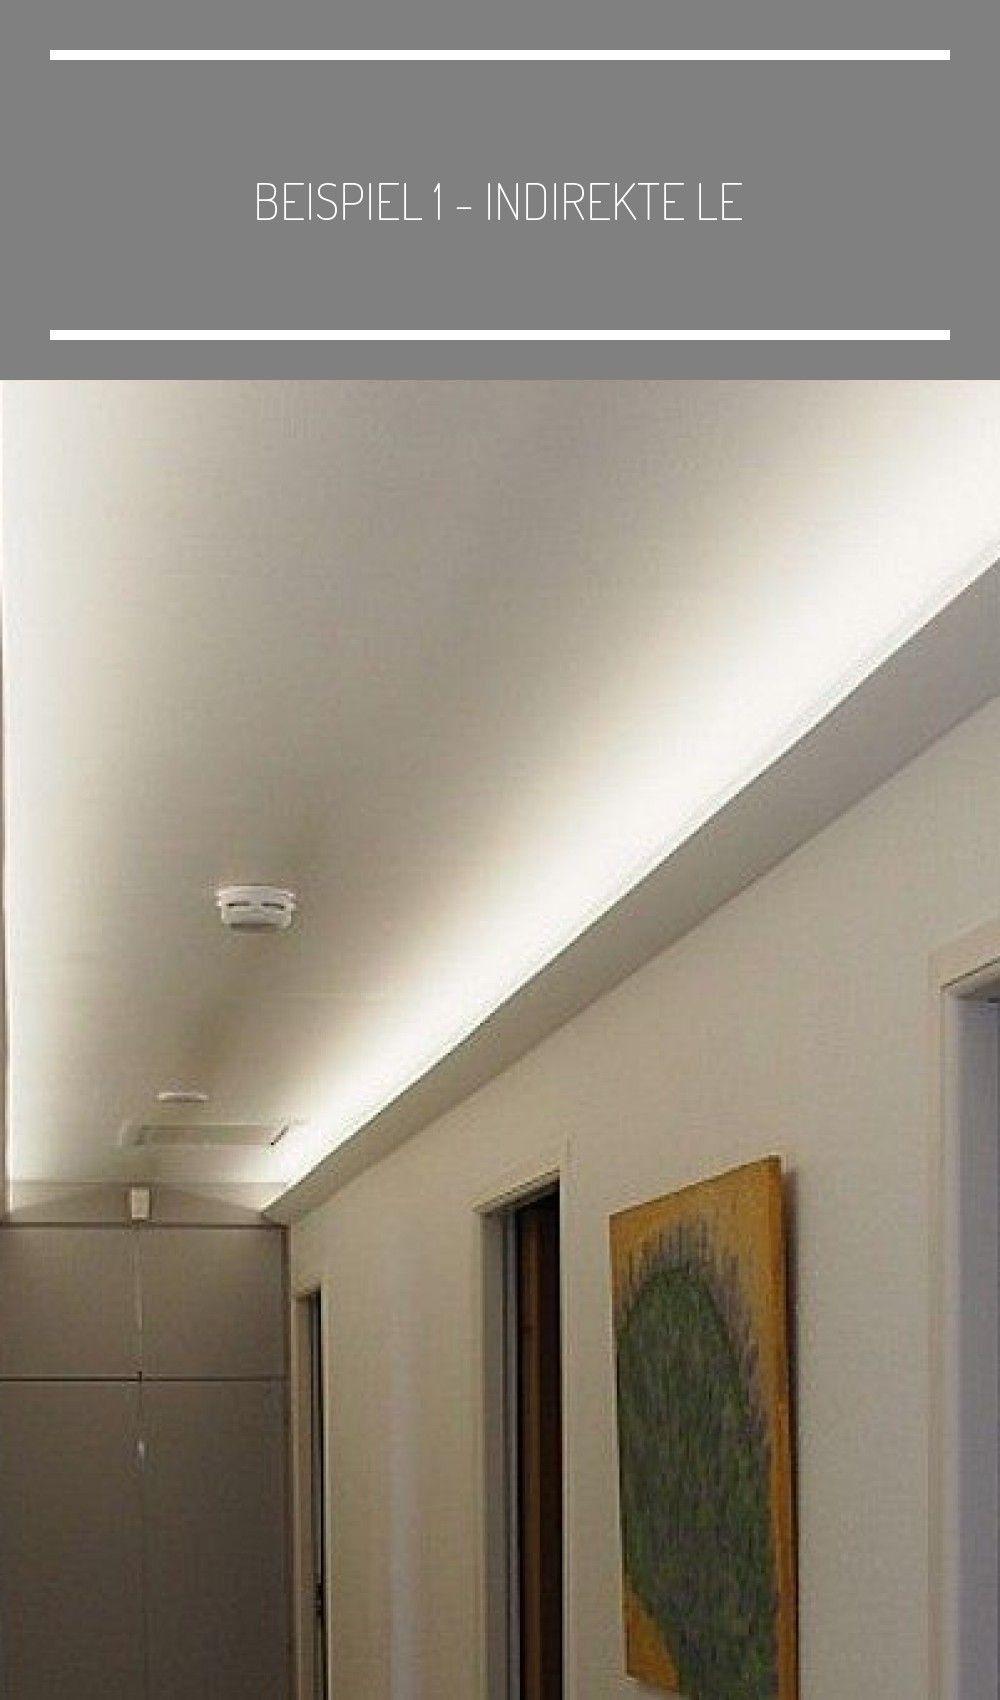 Beispiel 1 Indirekte Led Beleuchtung Der Decke Im Gang Bzw Flur Mit Dem Licht In 2020 Beleuchtung Led Beleuchtung Led Seilsystem